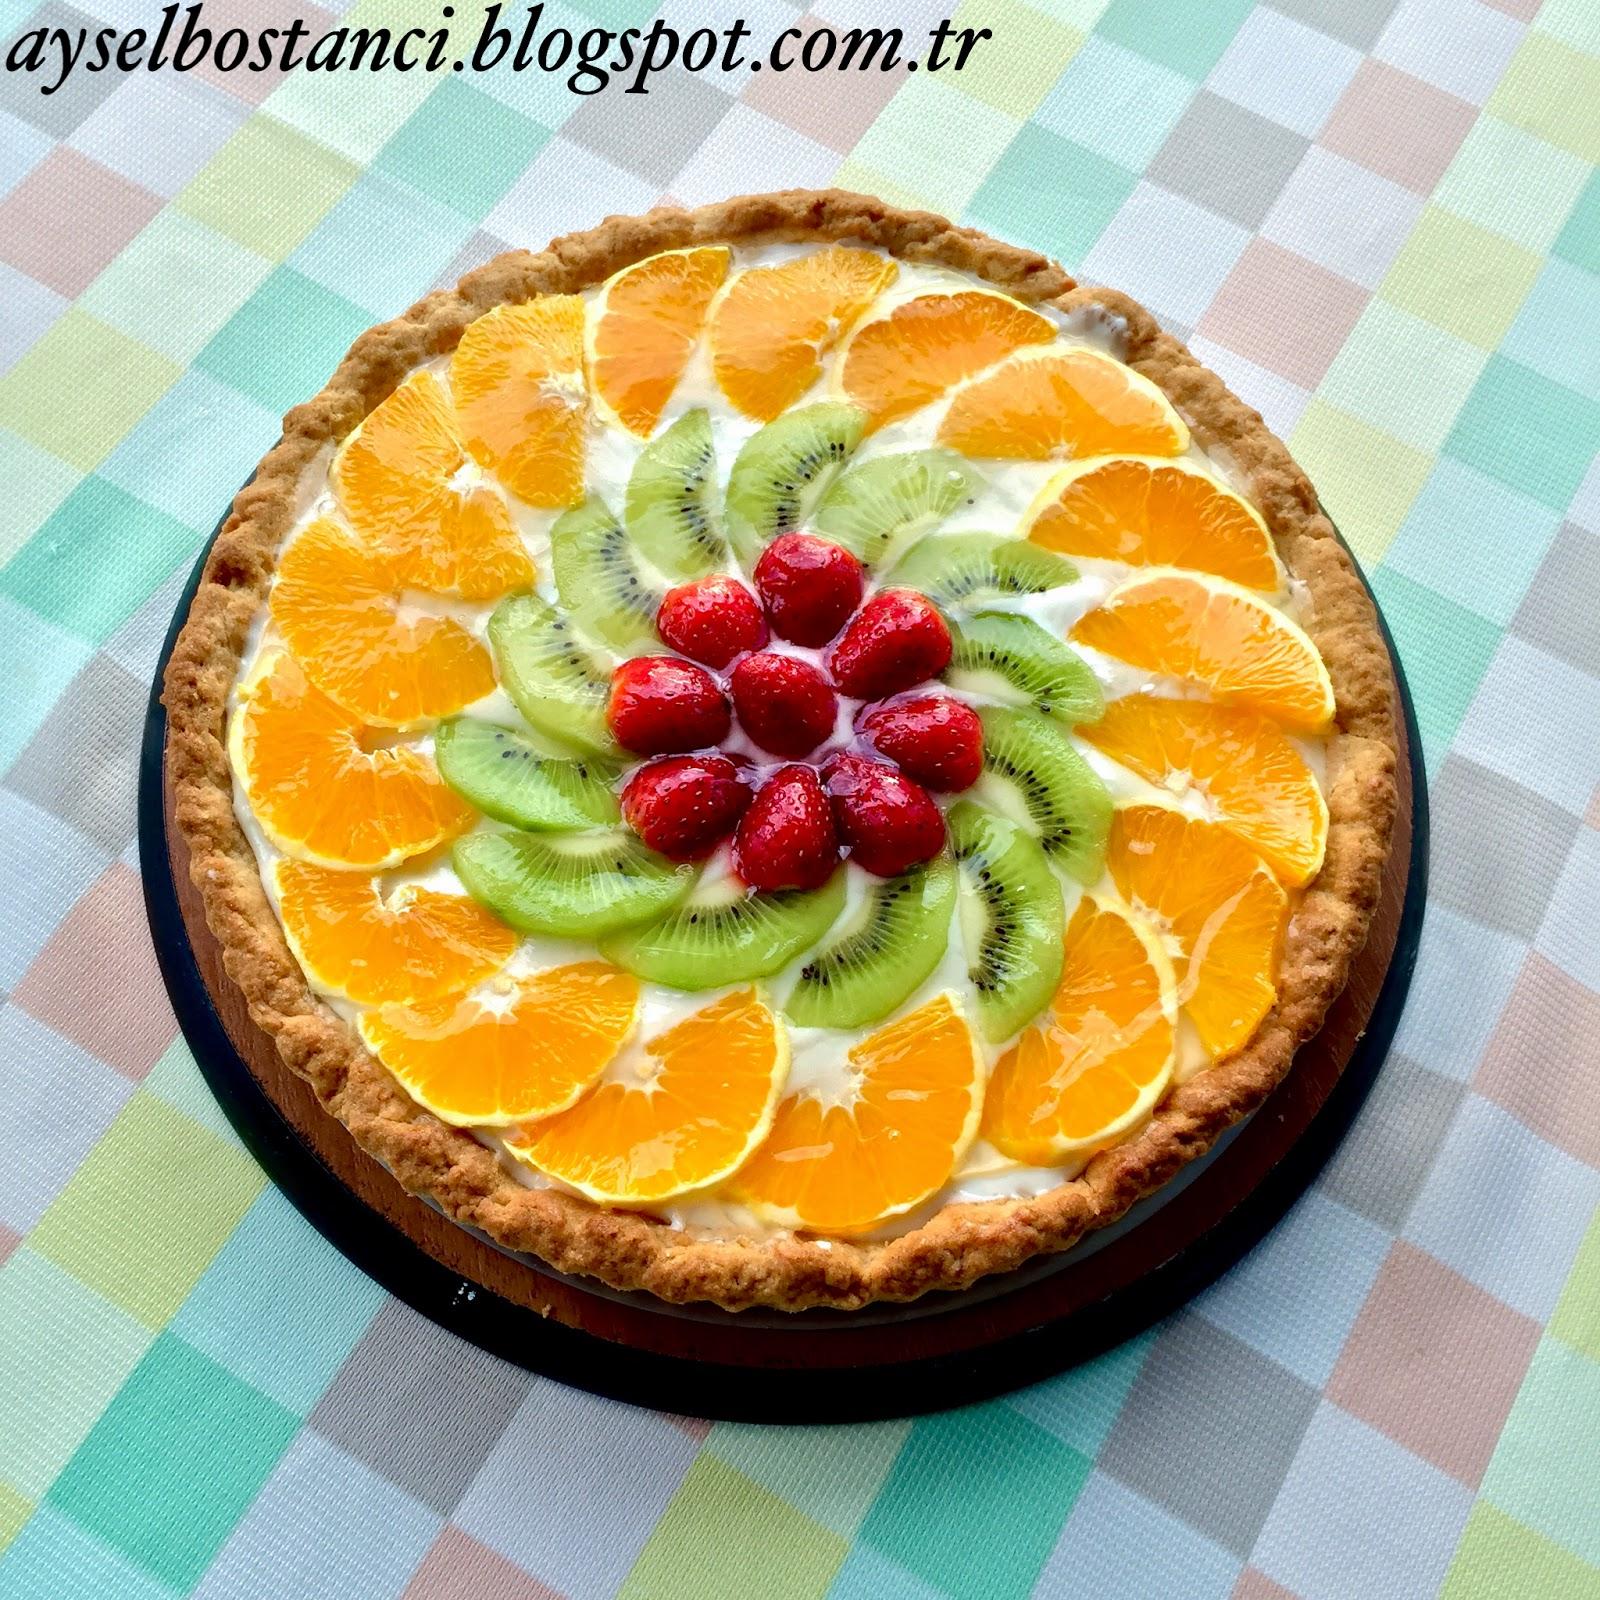 Meyveli Tartolet Tarifi Videosu